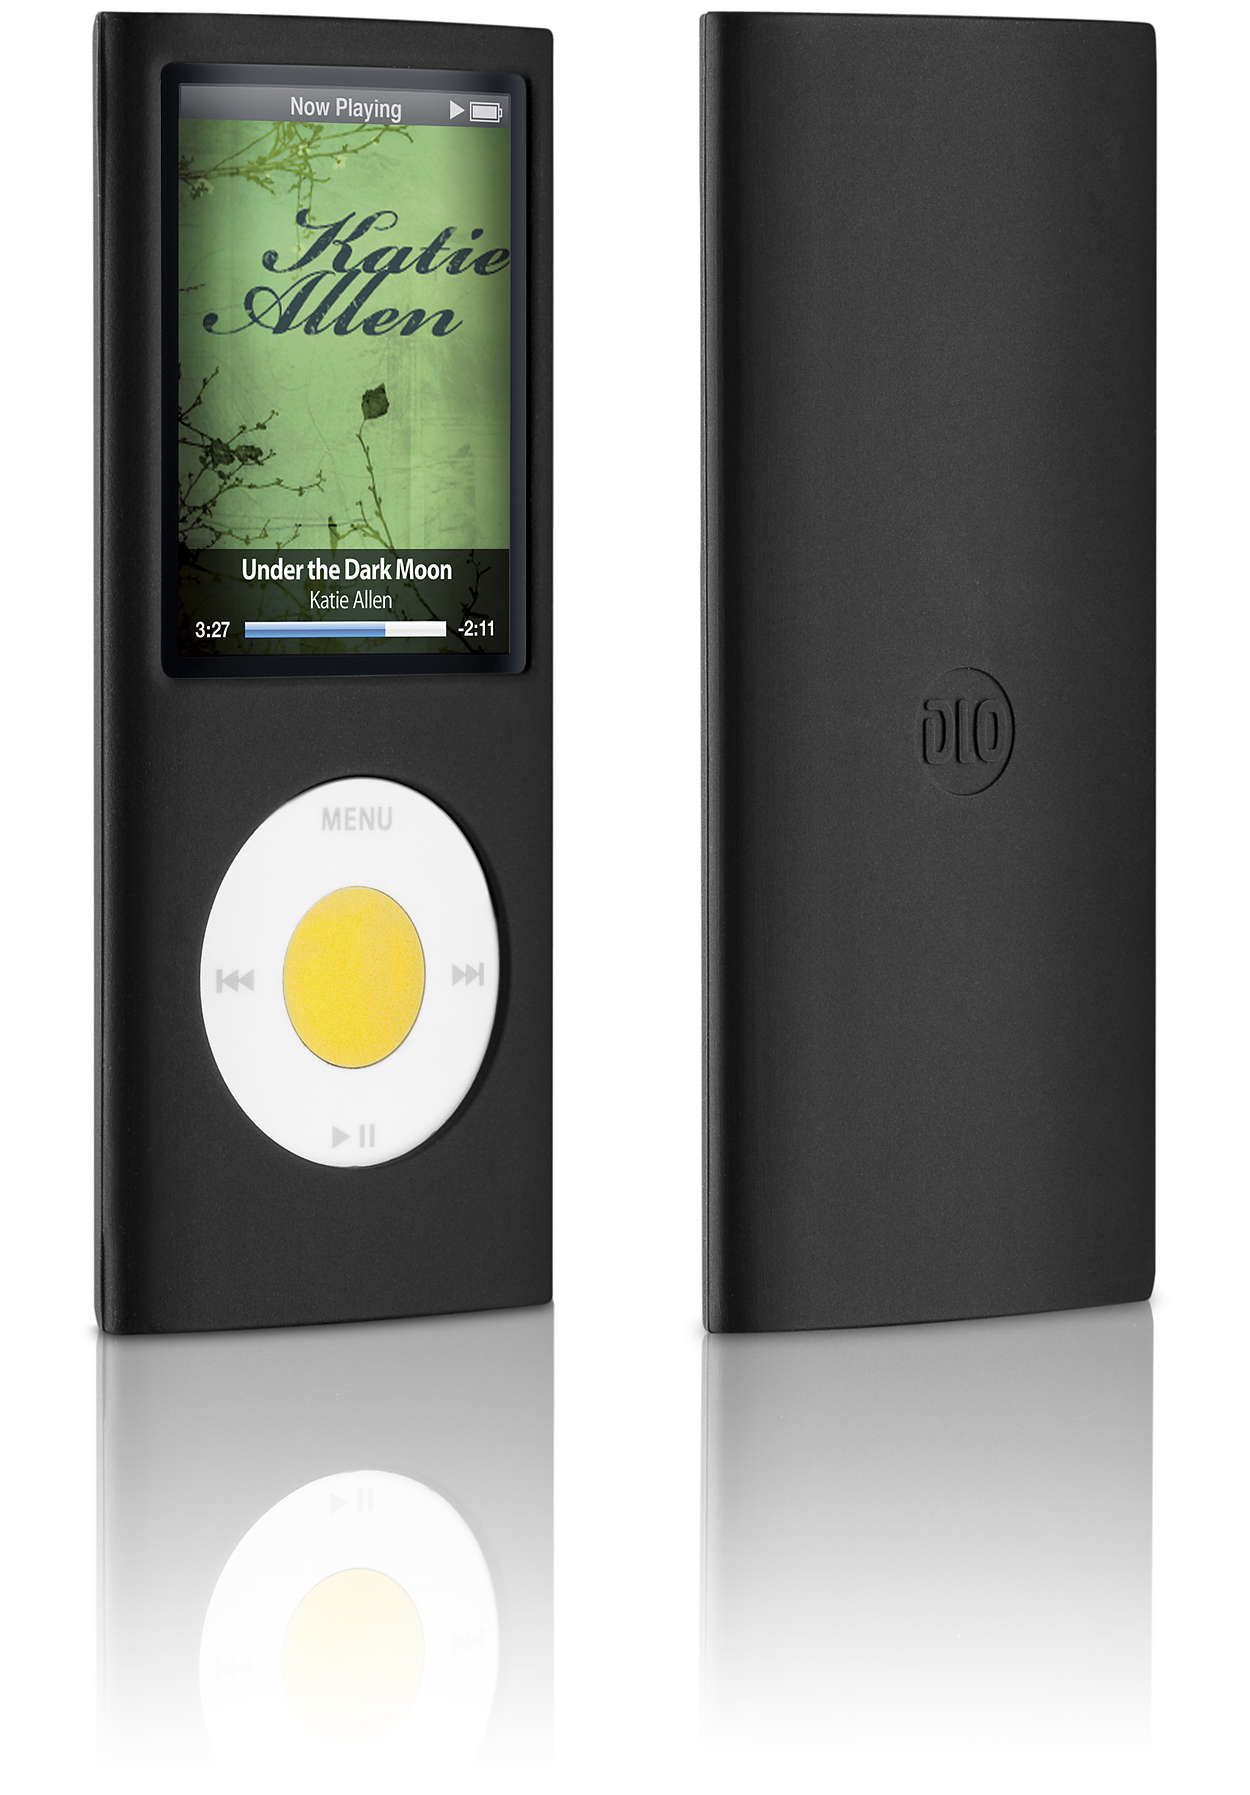 使用矽膠護套保護你的 iPod